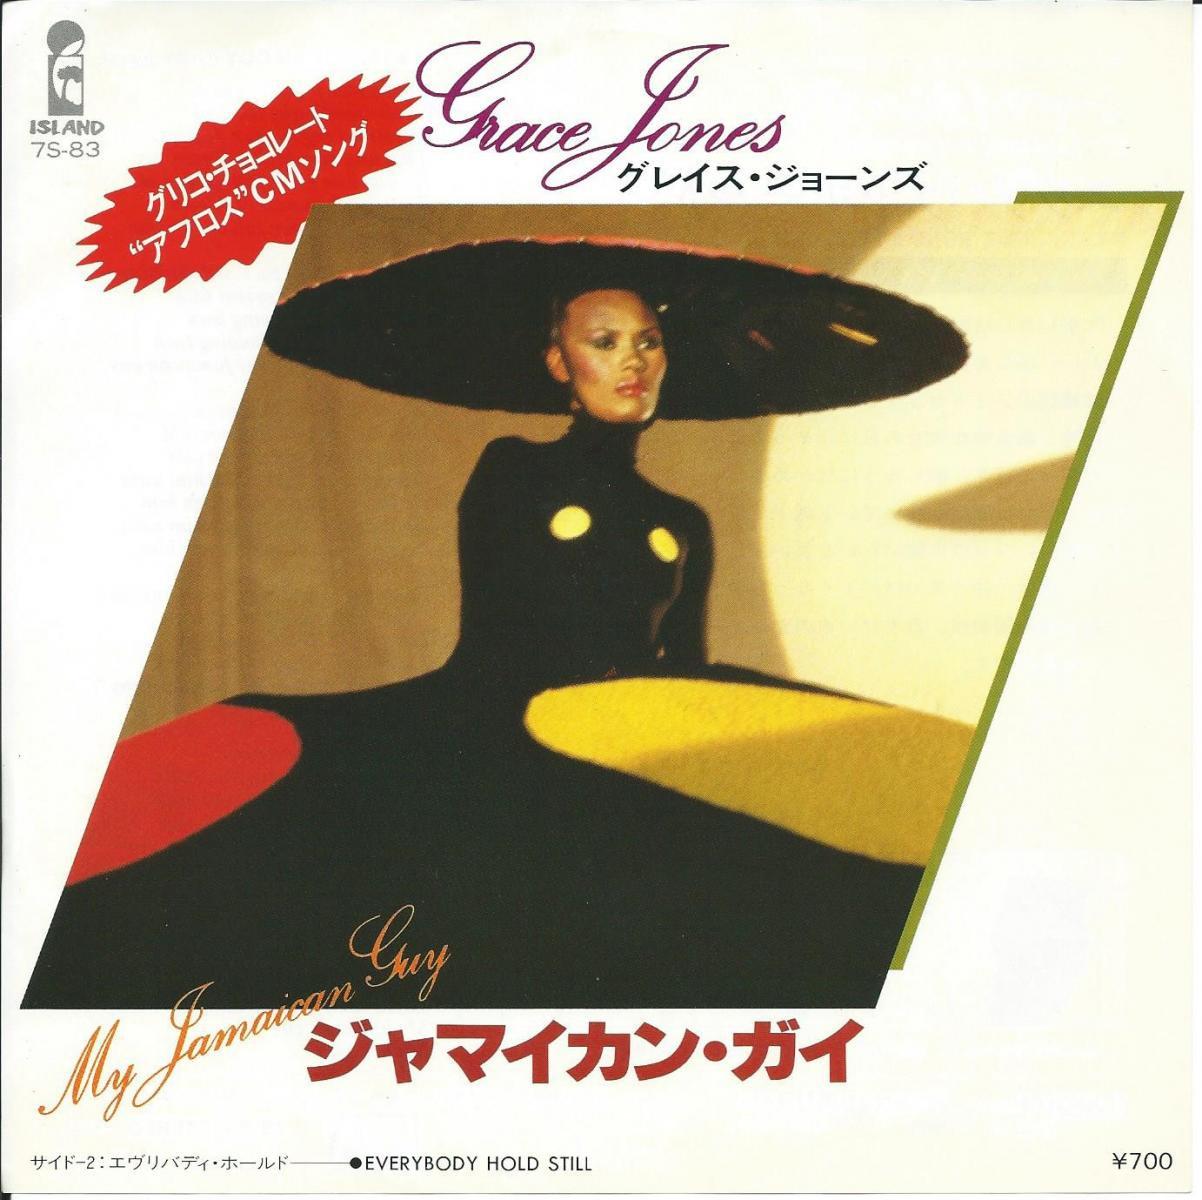 グレイス・ジョーンズ GRACE JONES / ジャマイカン・ガイ MY JAMAICAN GUY (7